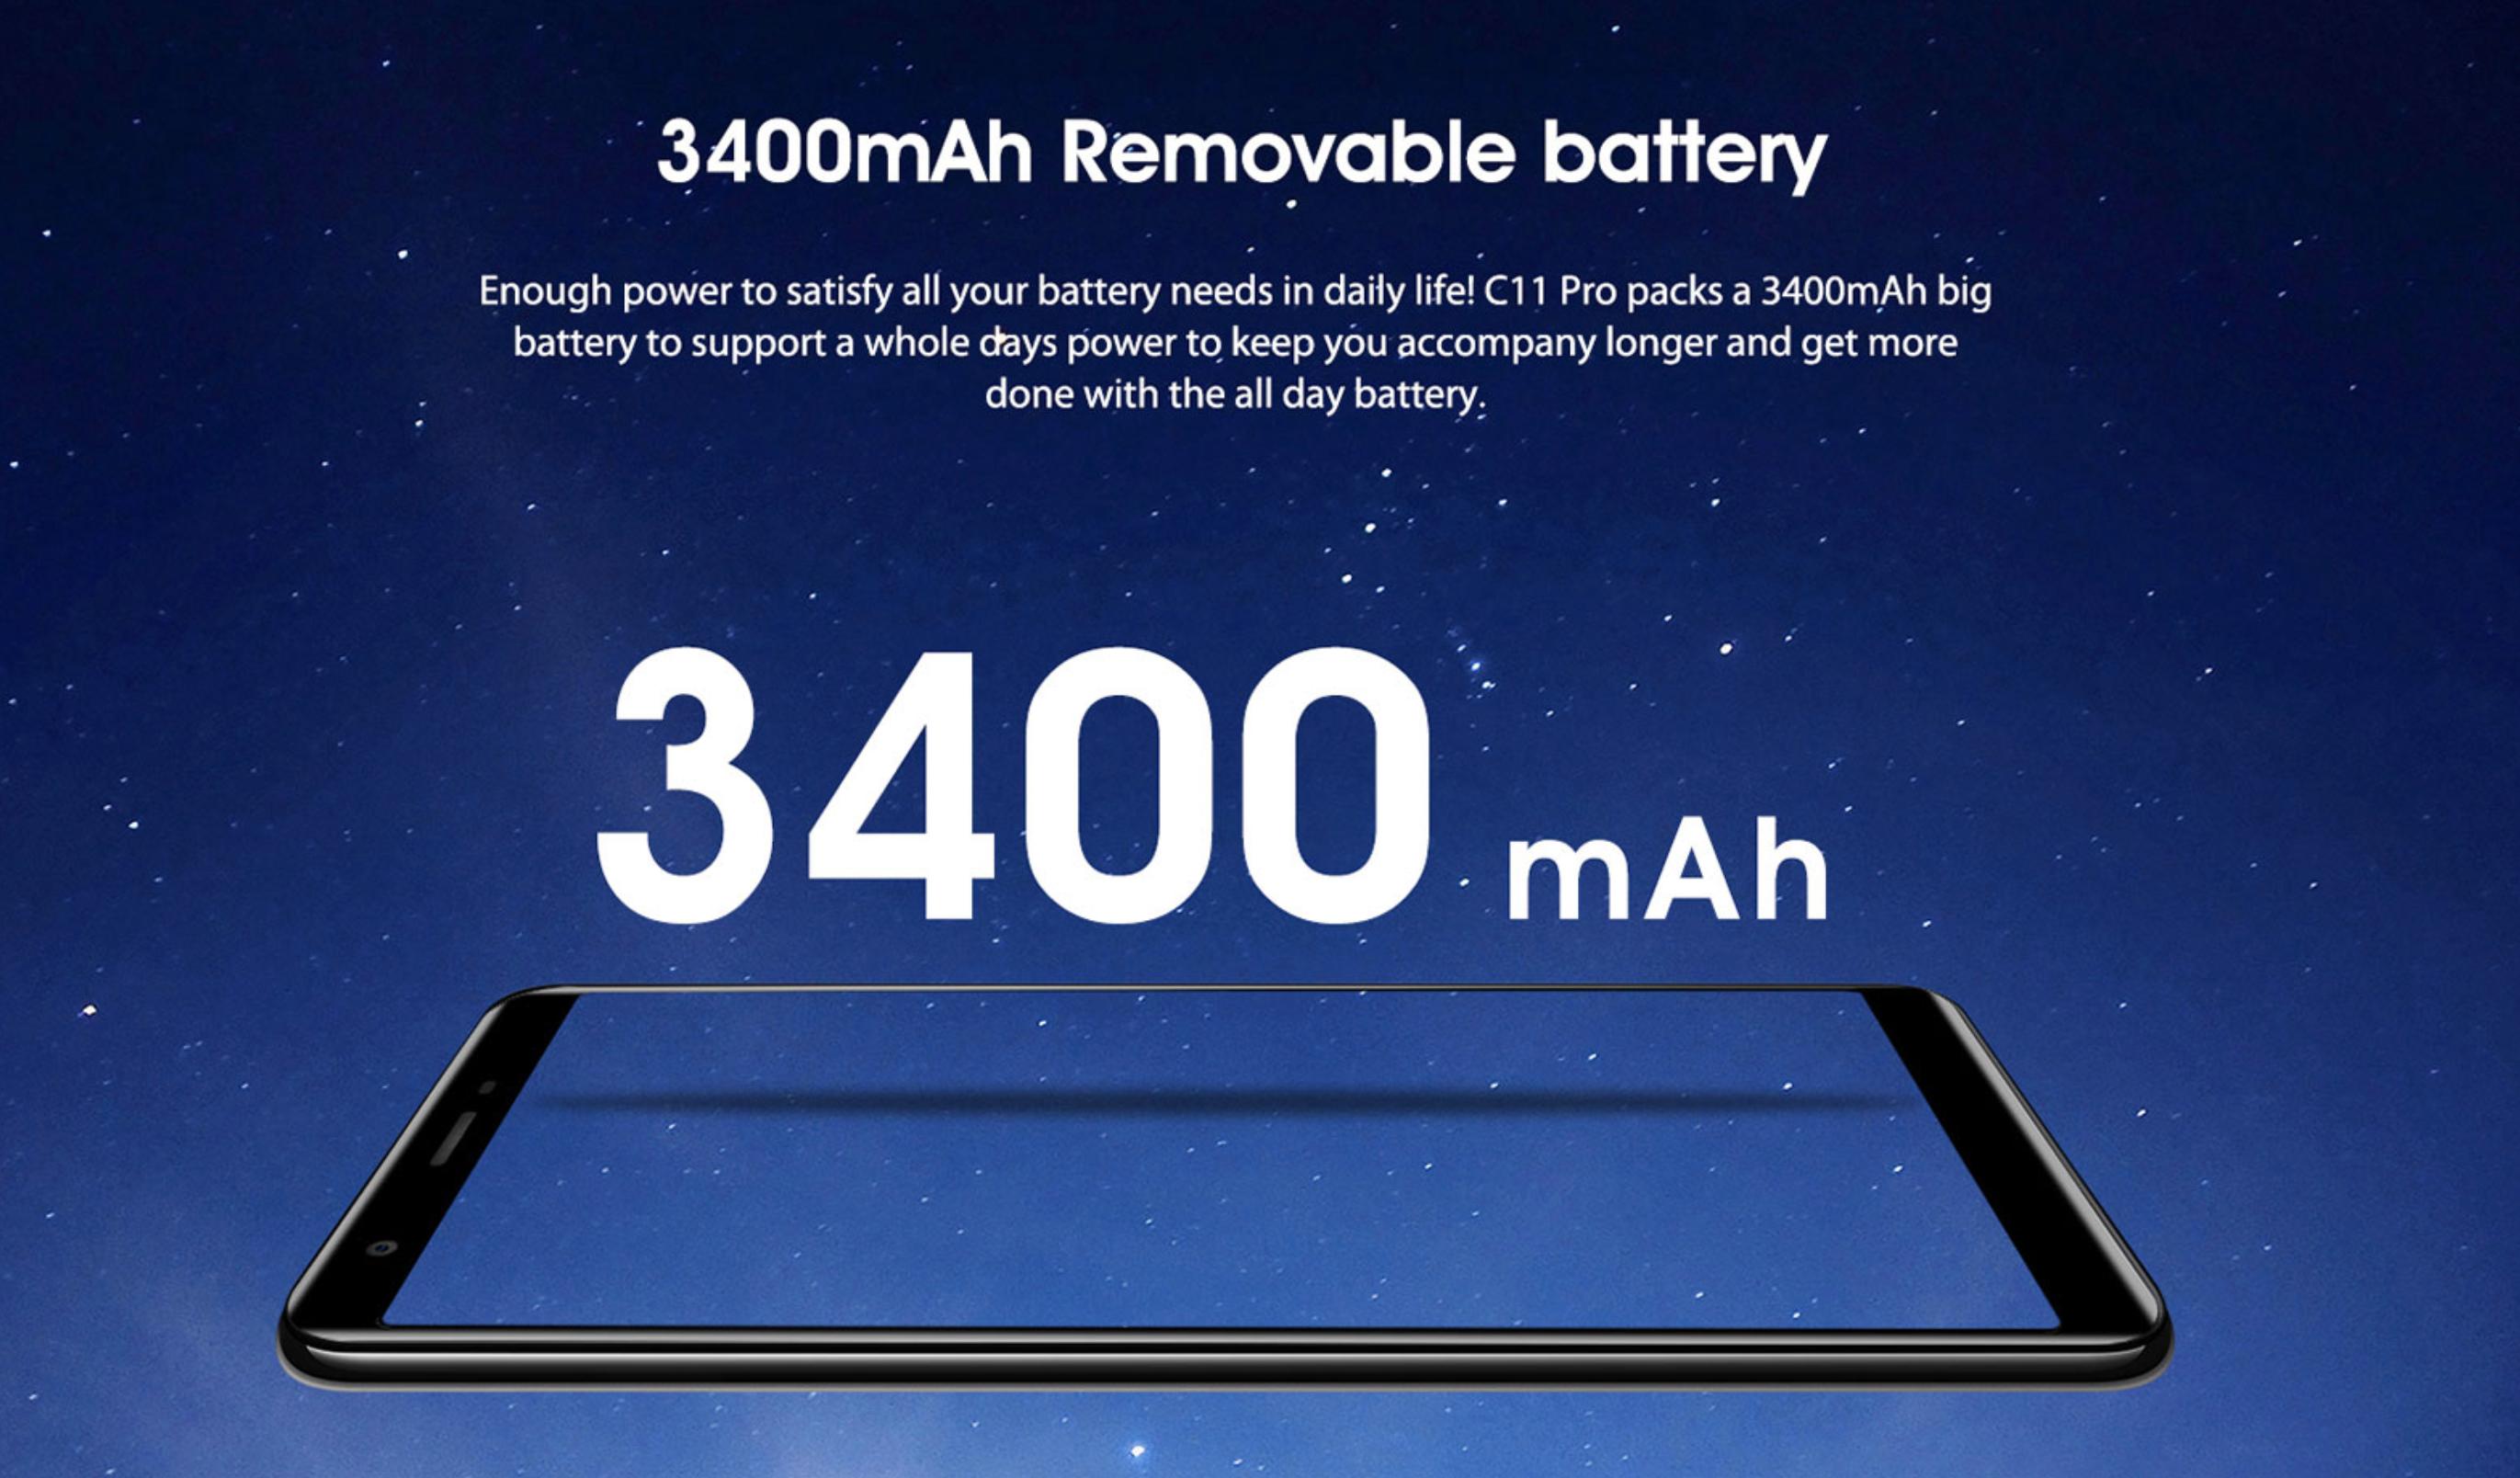 3,400mAhの大容量バッテリー